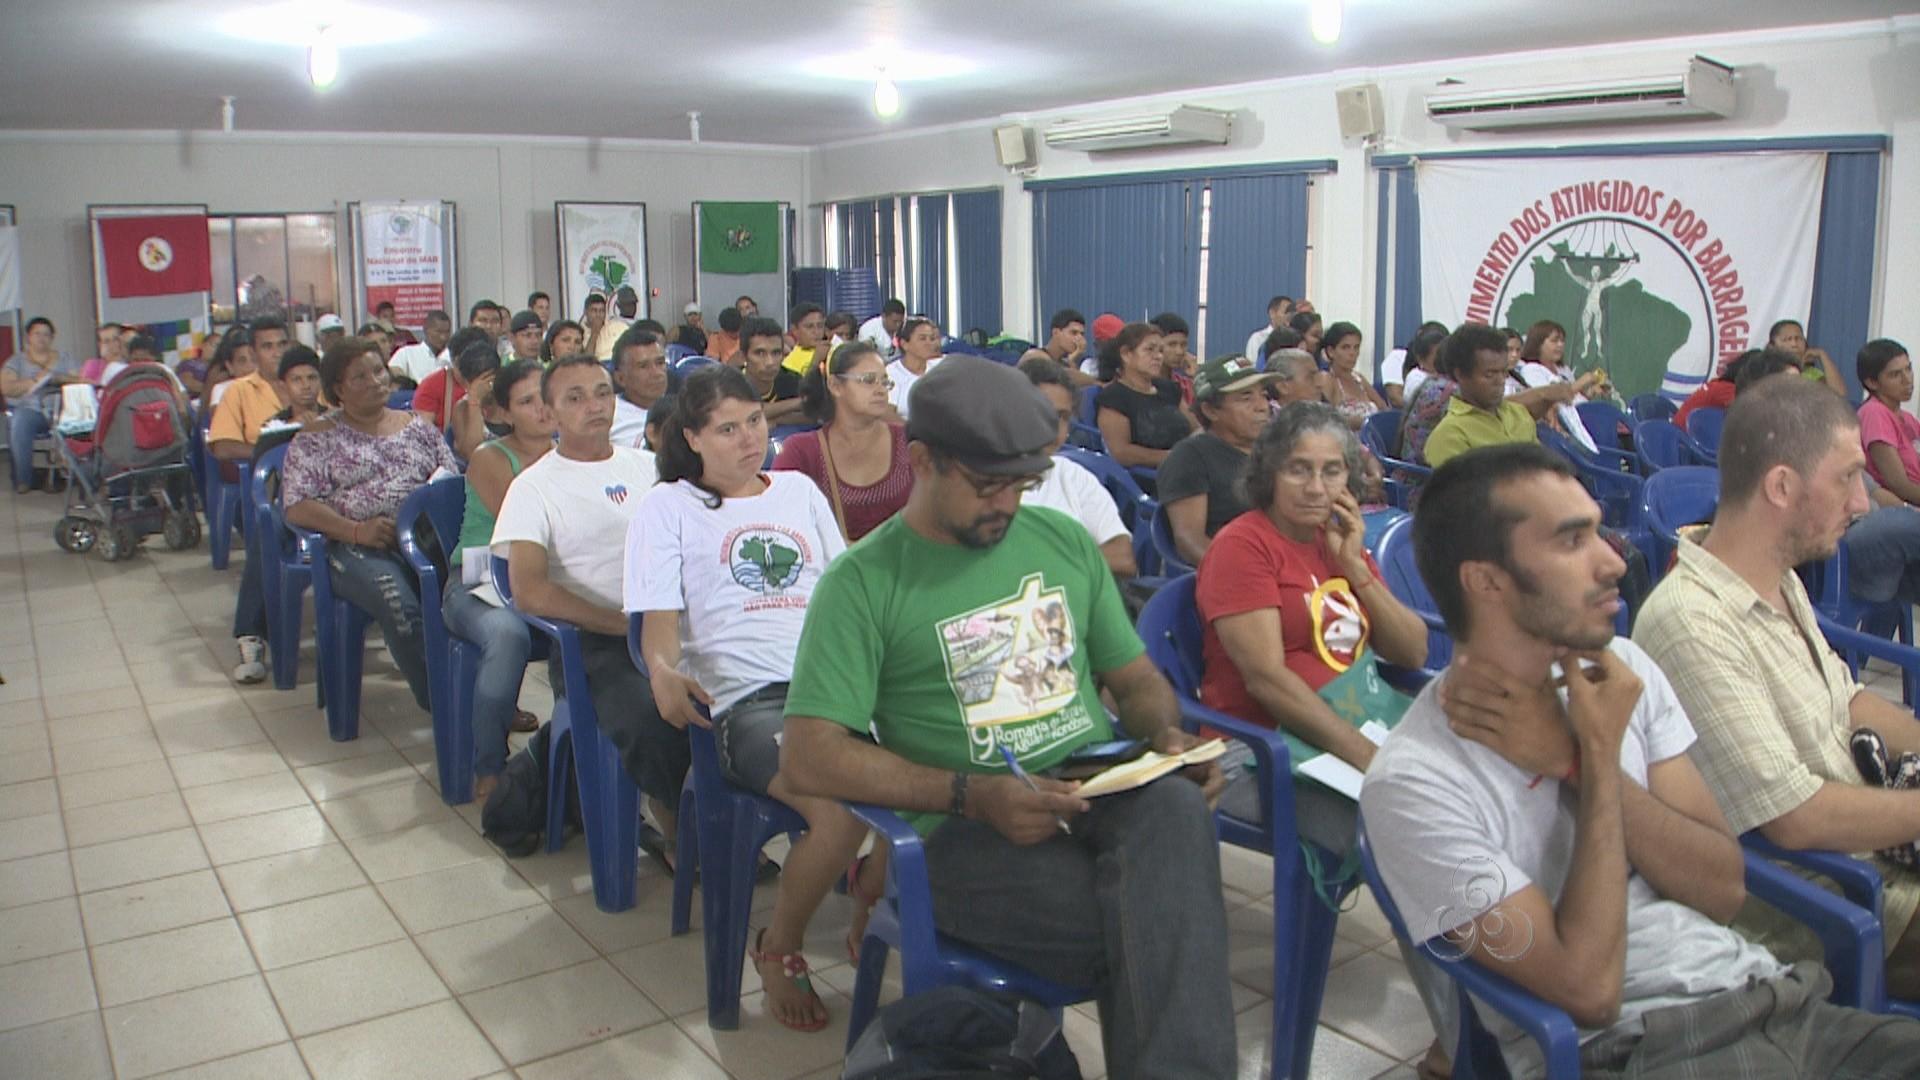 Representantes querem definir a pauta que será levada à Brasília (Foto: Amazônia TV)